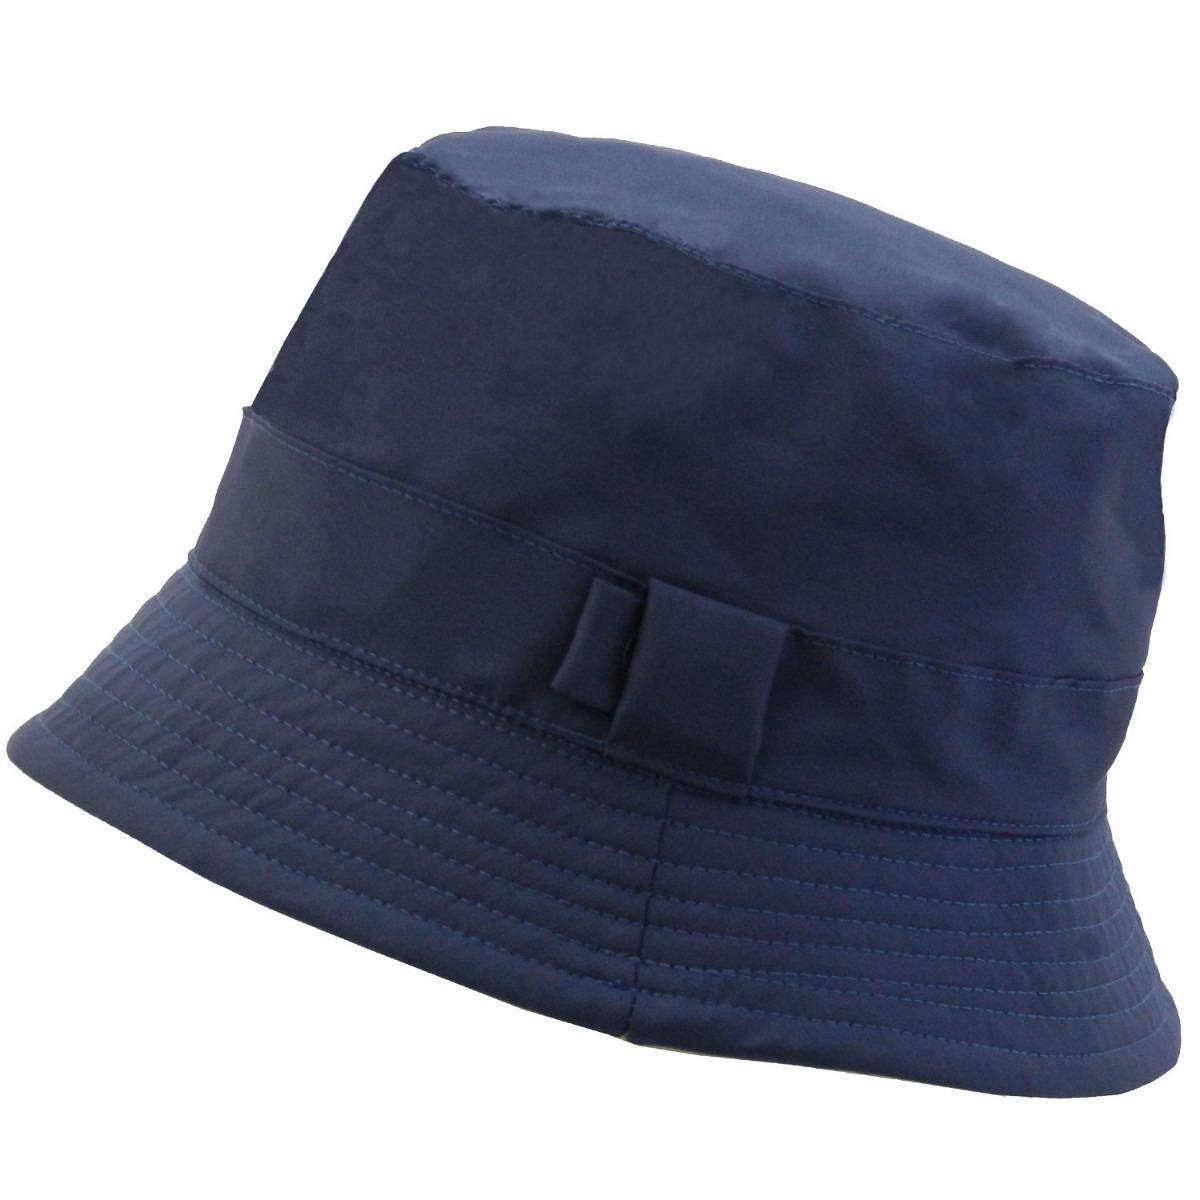 gorro human lluvia compañia de sombreros m312202,16,urb